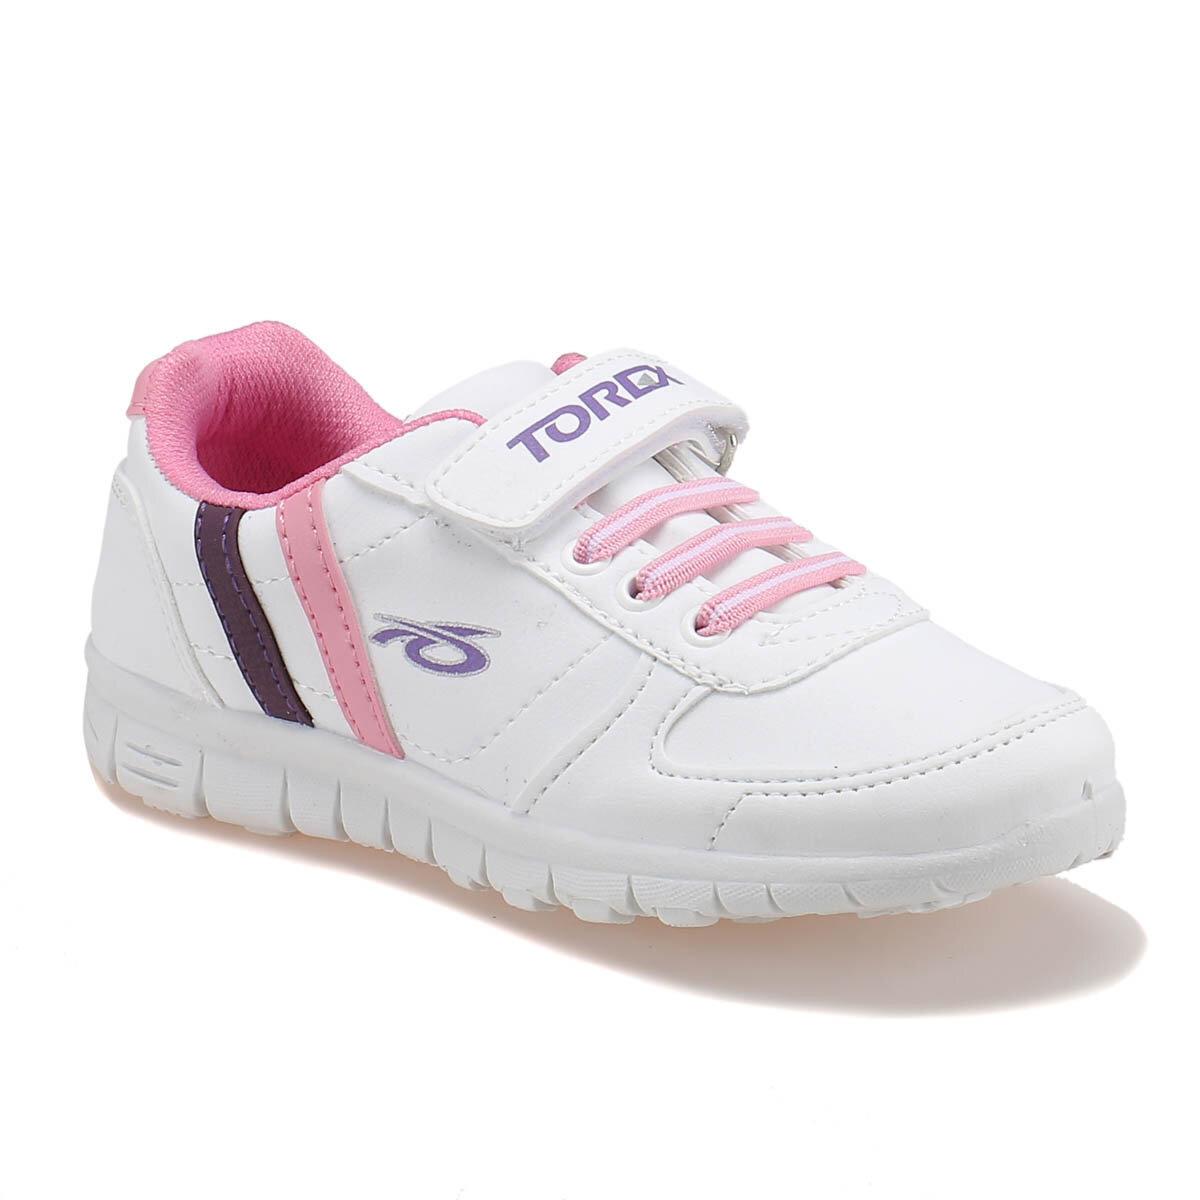 BEYAZ Kız Çocuk Sneaker Ayakkabı DEMBA